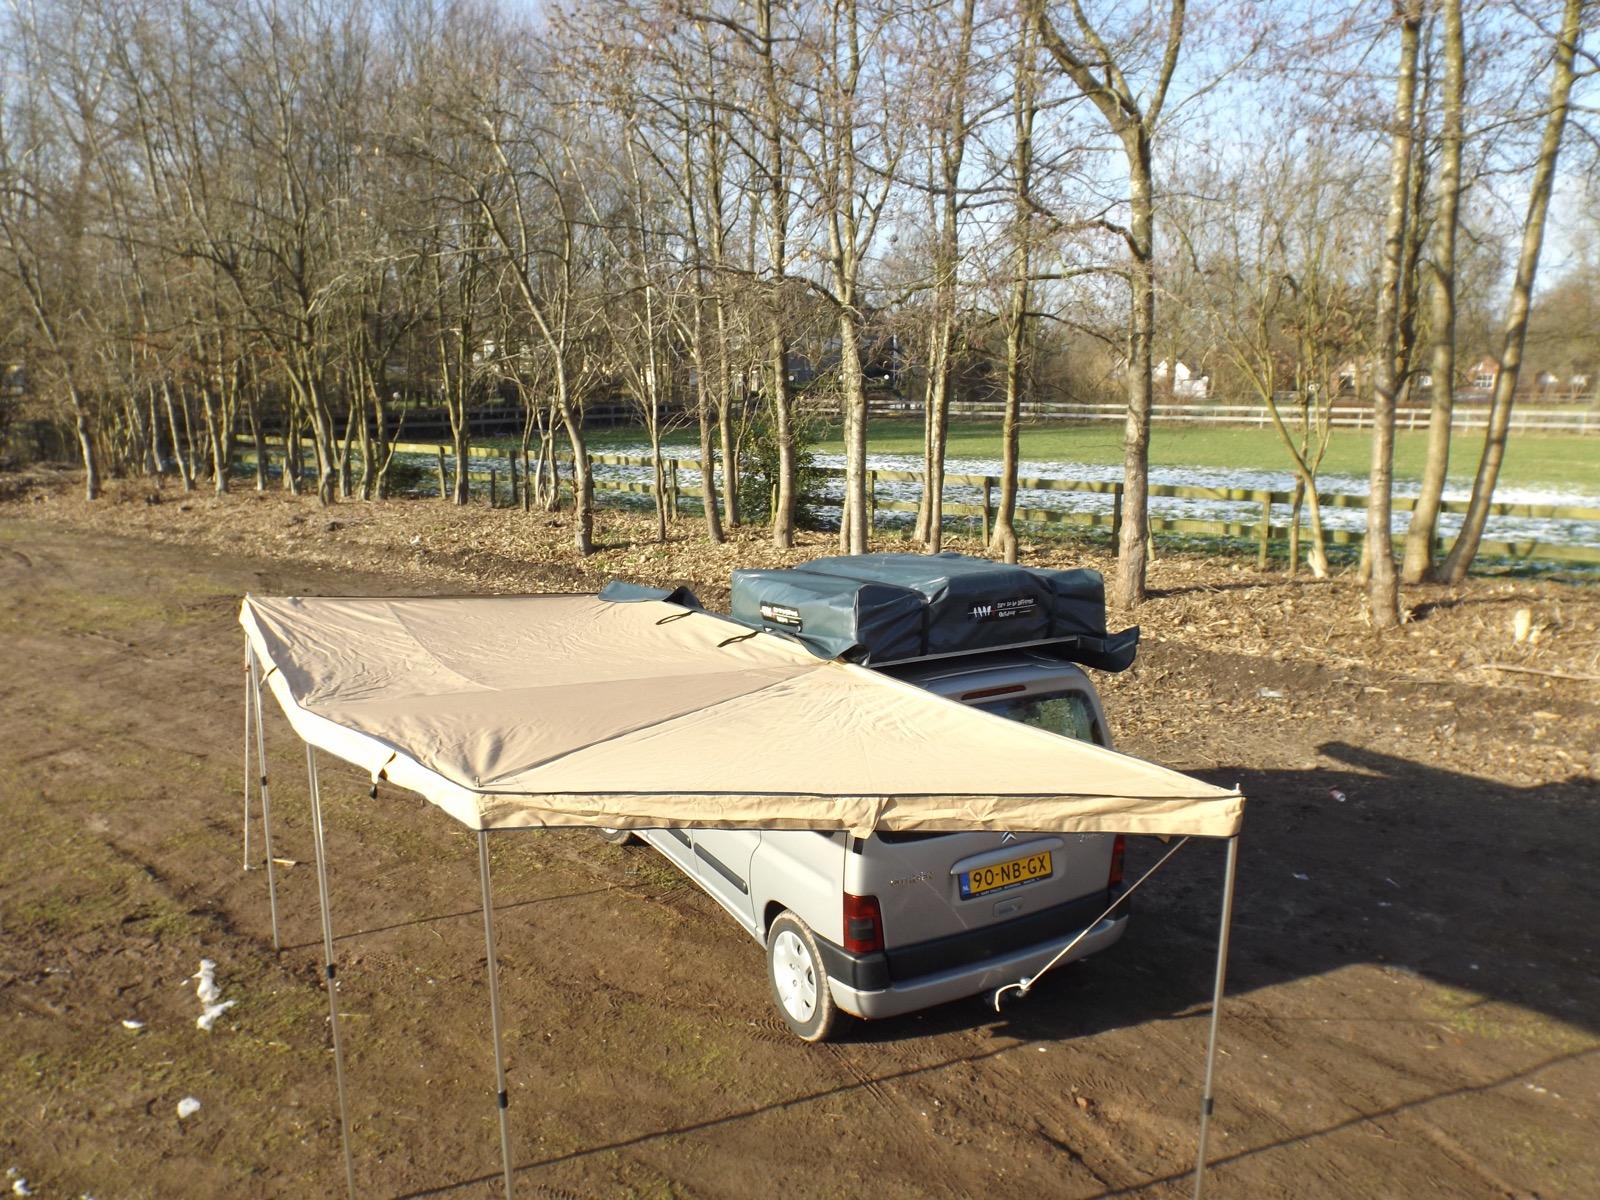 Outdoor Küche Edelstahl Quad : Beefeater bbq gasgrills für die outdoorküche roc products